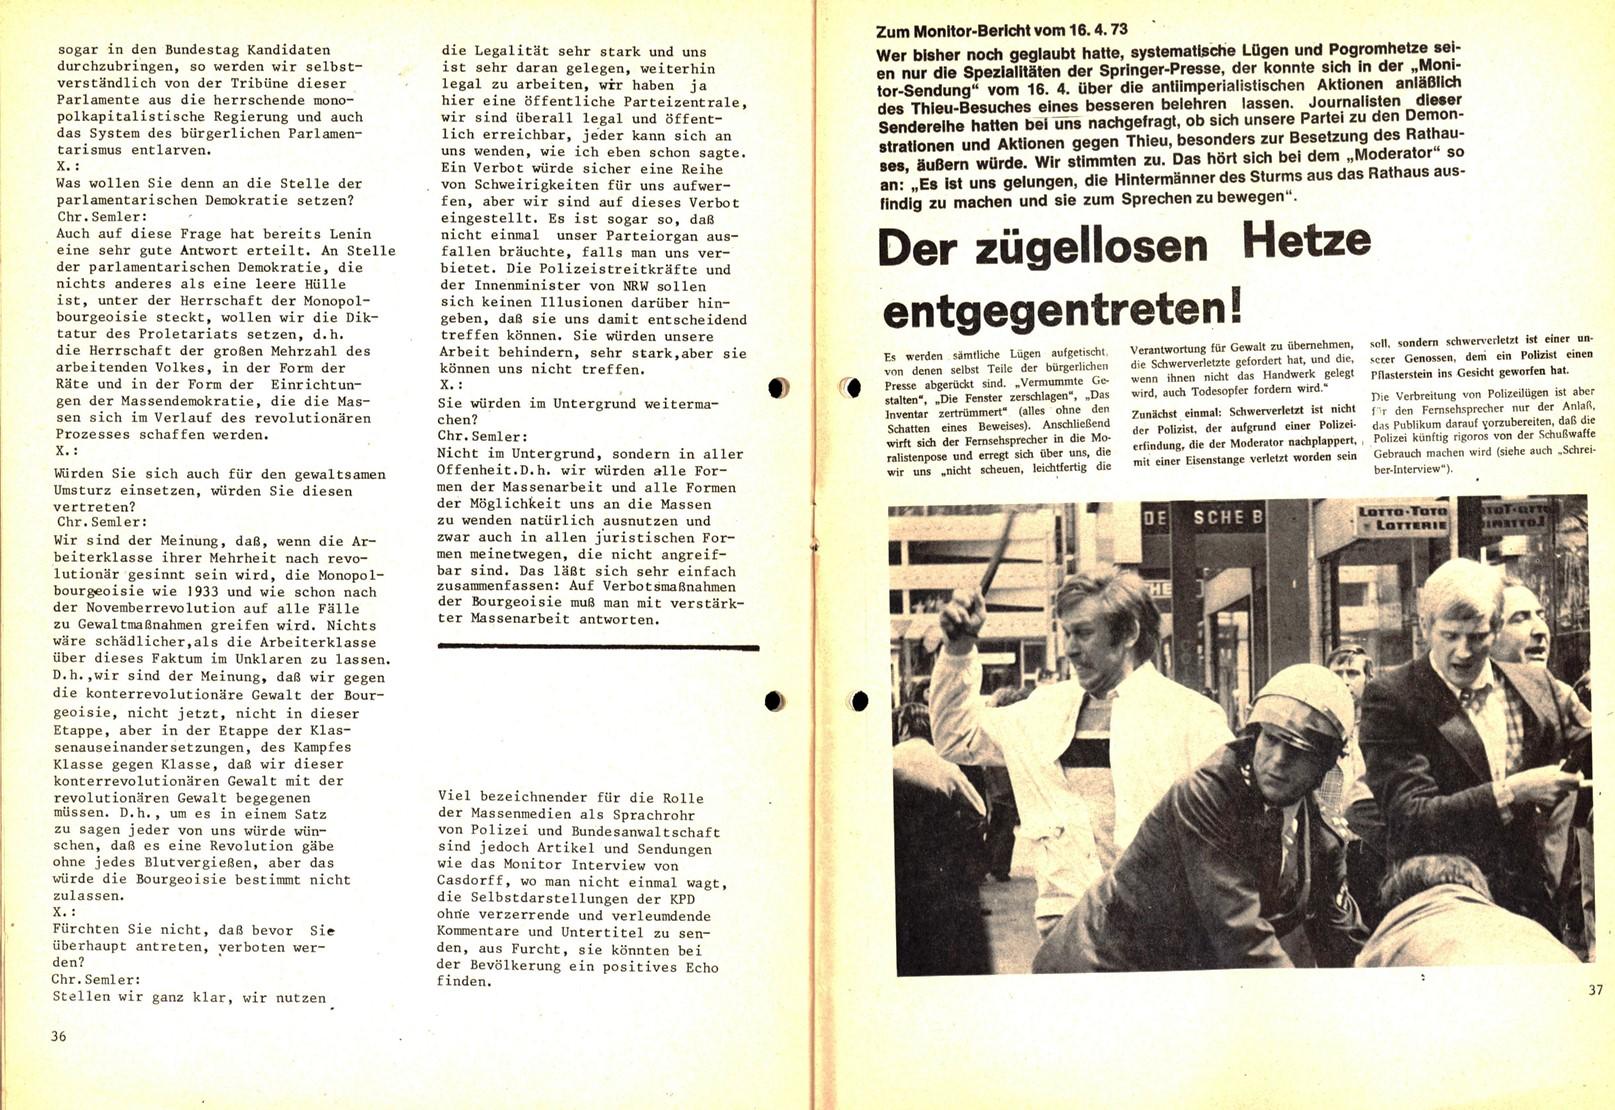 Komitee_Haende_weg_von_der_KPD_1973_Polizeijournalismus_19